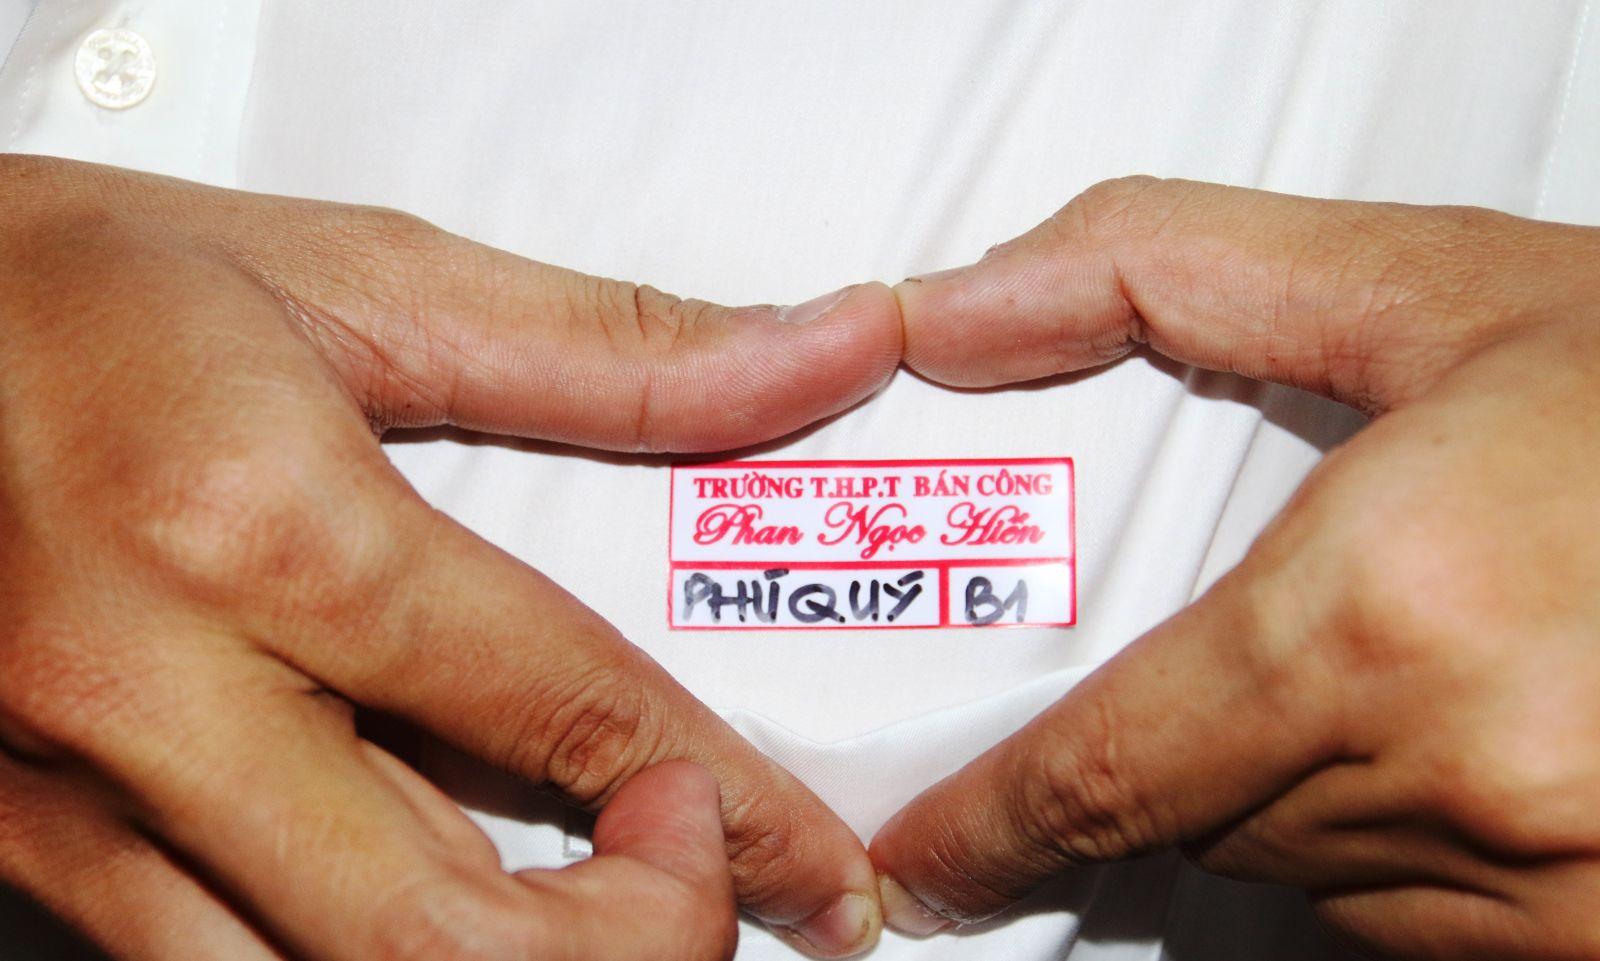 Mỗi cựu học sinh về trường đều chọn mặc áo trắng và được phát một bảng tên ghi tên và lớp cũ để ôn lại kỷ niệm xưa. Bảng tên khiến các cựu học sinh thích thú, nâng niu.